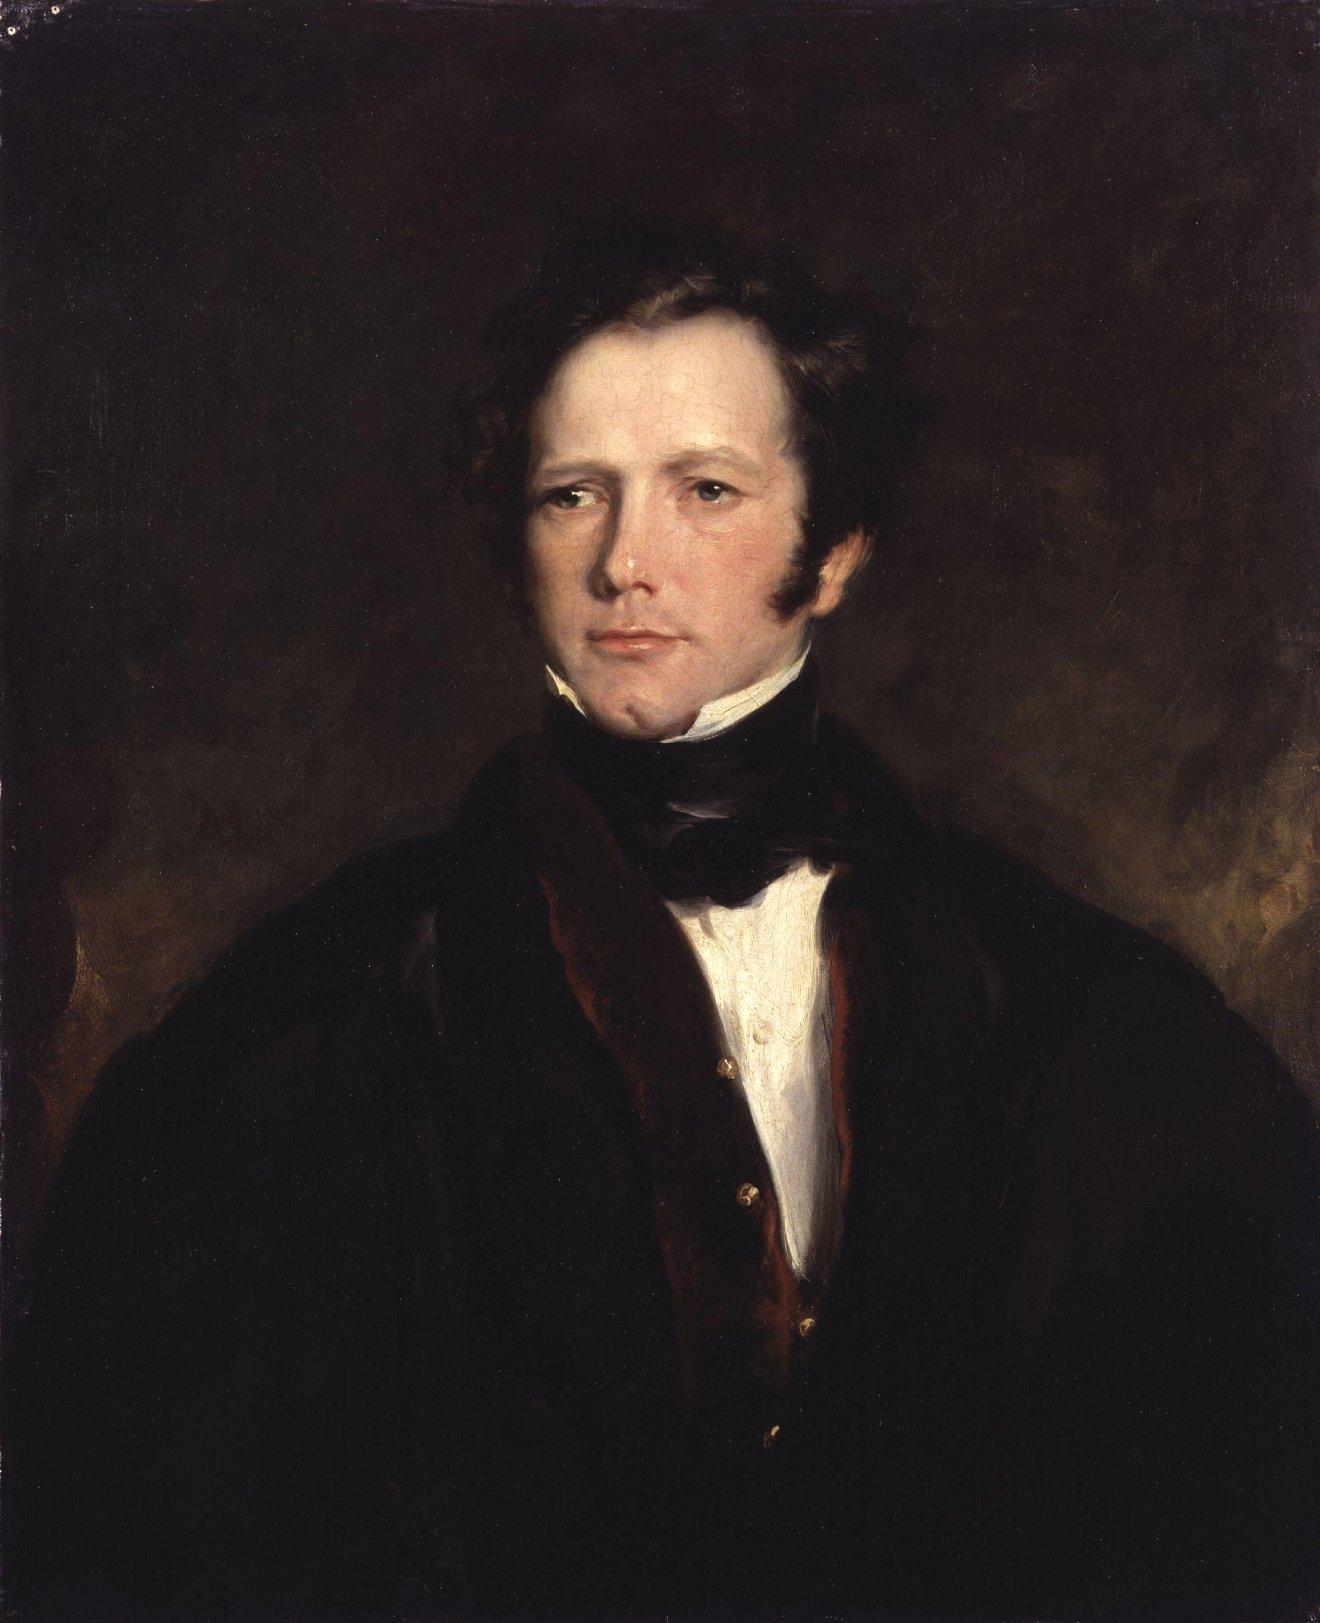 Frederick Marryat, a Royal Navy kapitánya, a XIX. század népszerű tengerészírója.